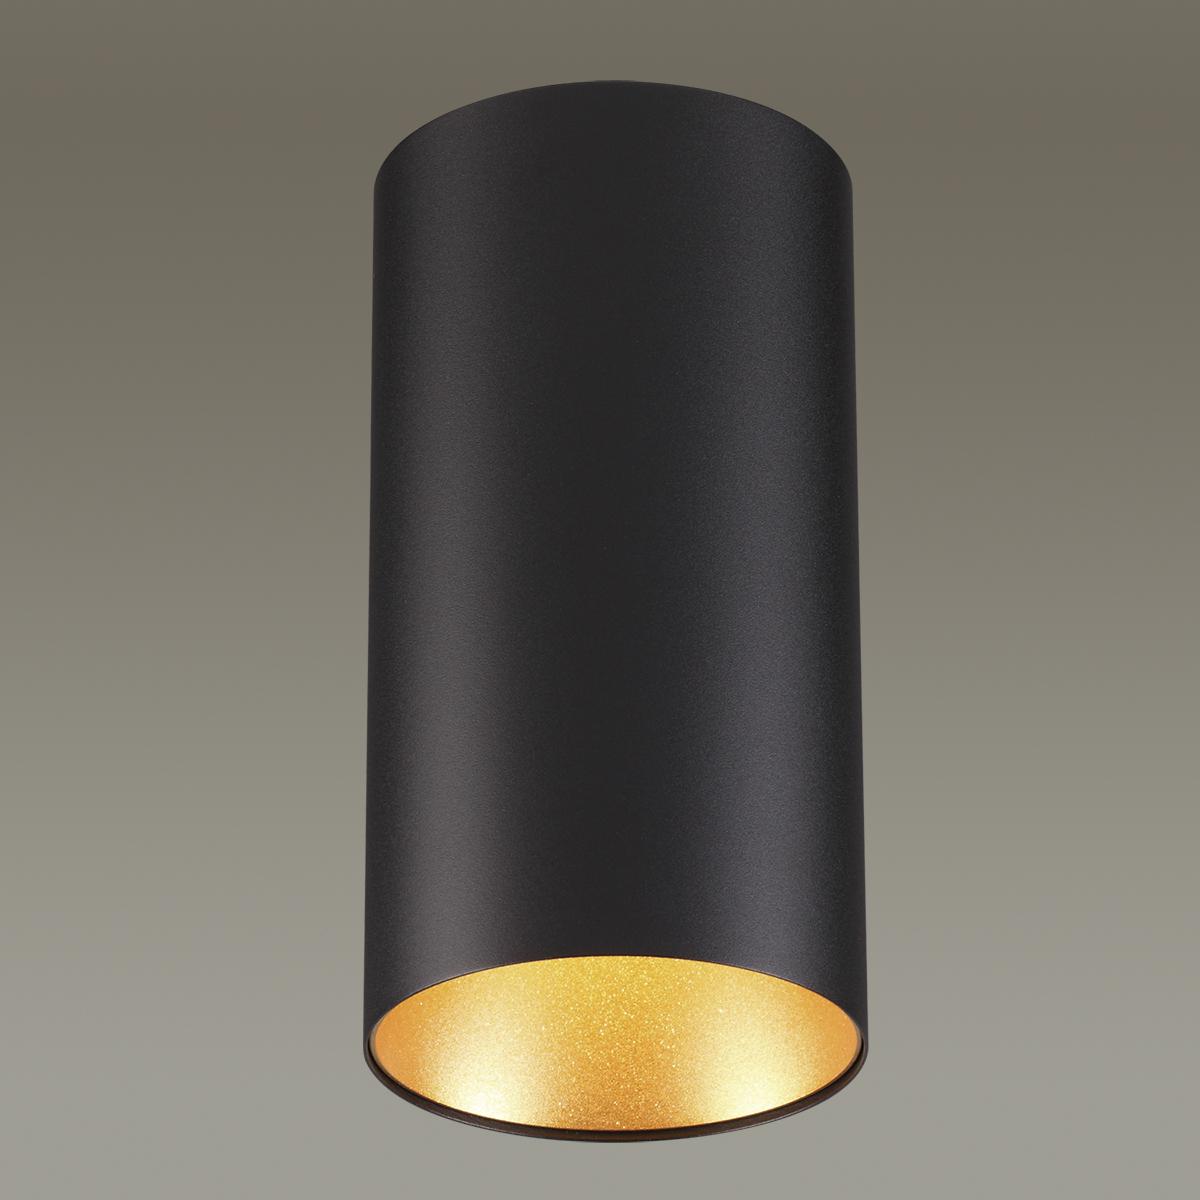 Потолочный светильник Odeon Light Prody 3555/1C, 1xGU10x50W - фото 2